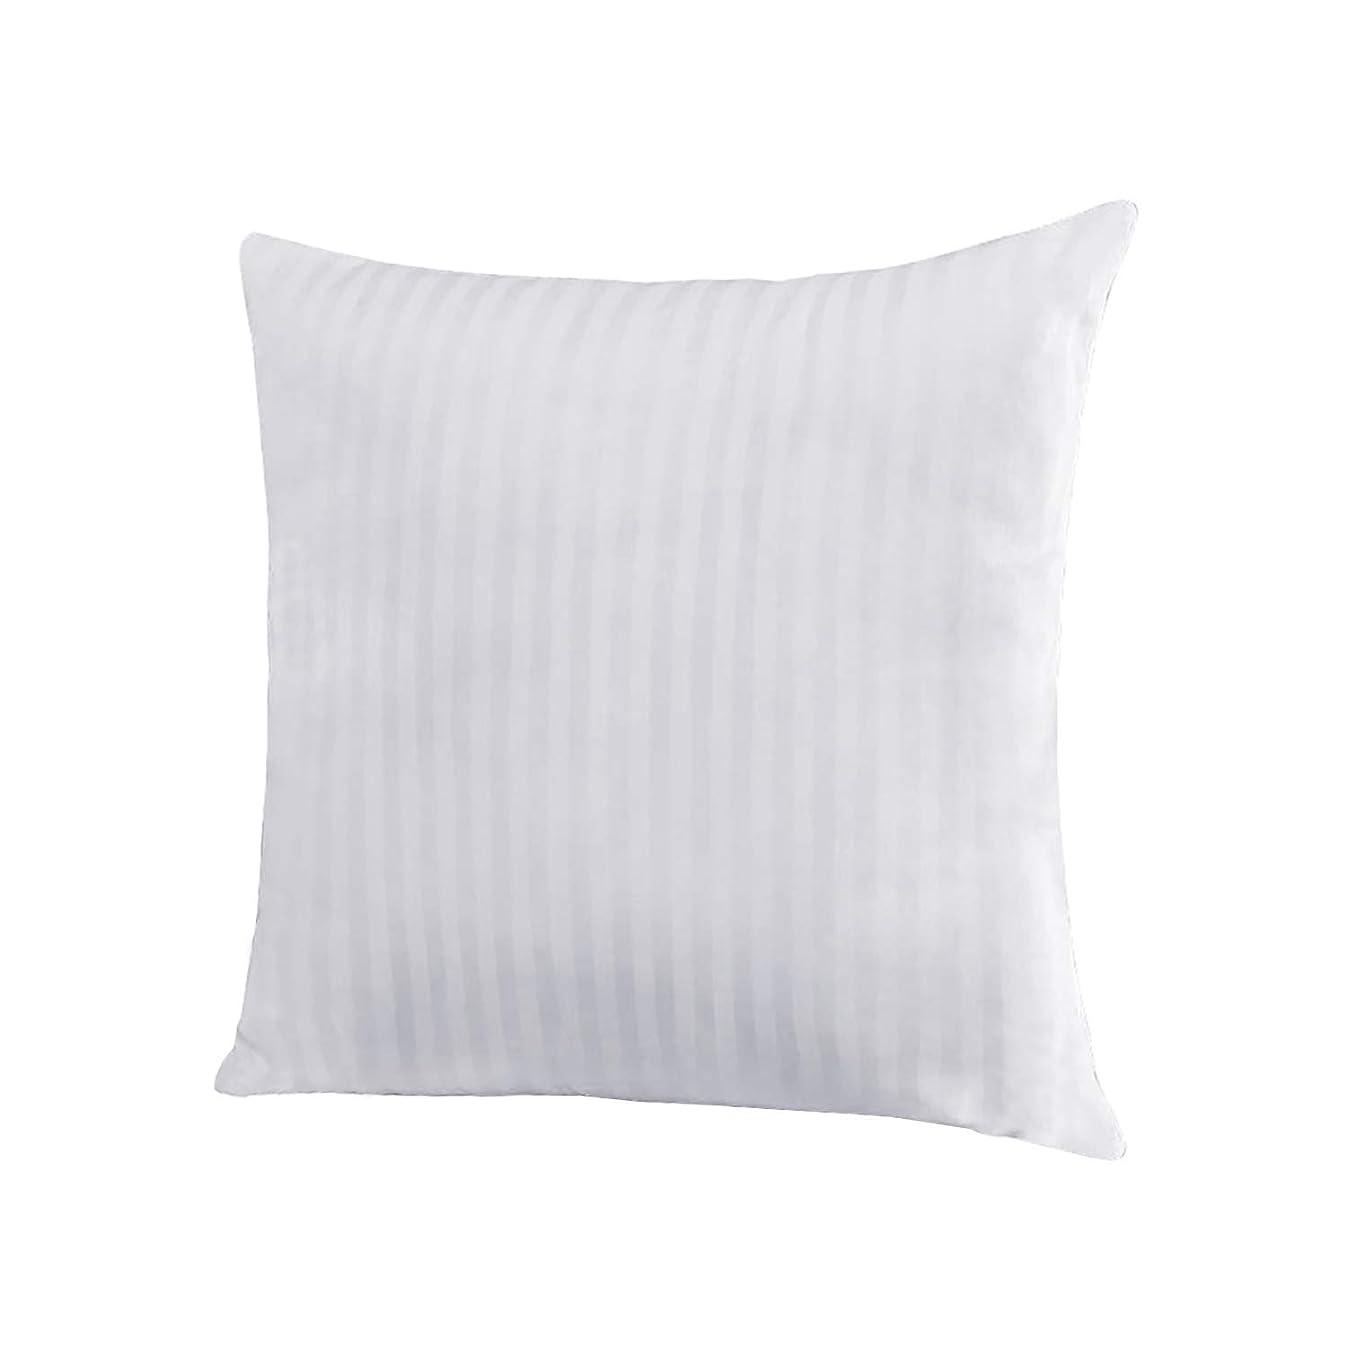 EvZ Homie Premium Stuffer Pillow Insert Sham Square Form Polyester, 20